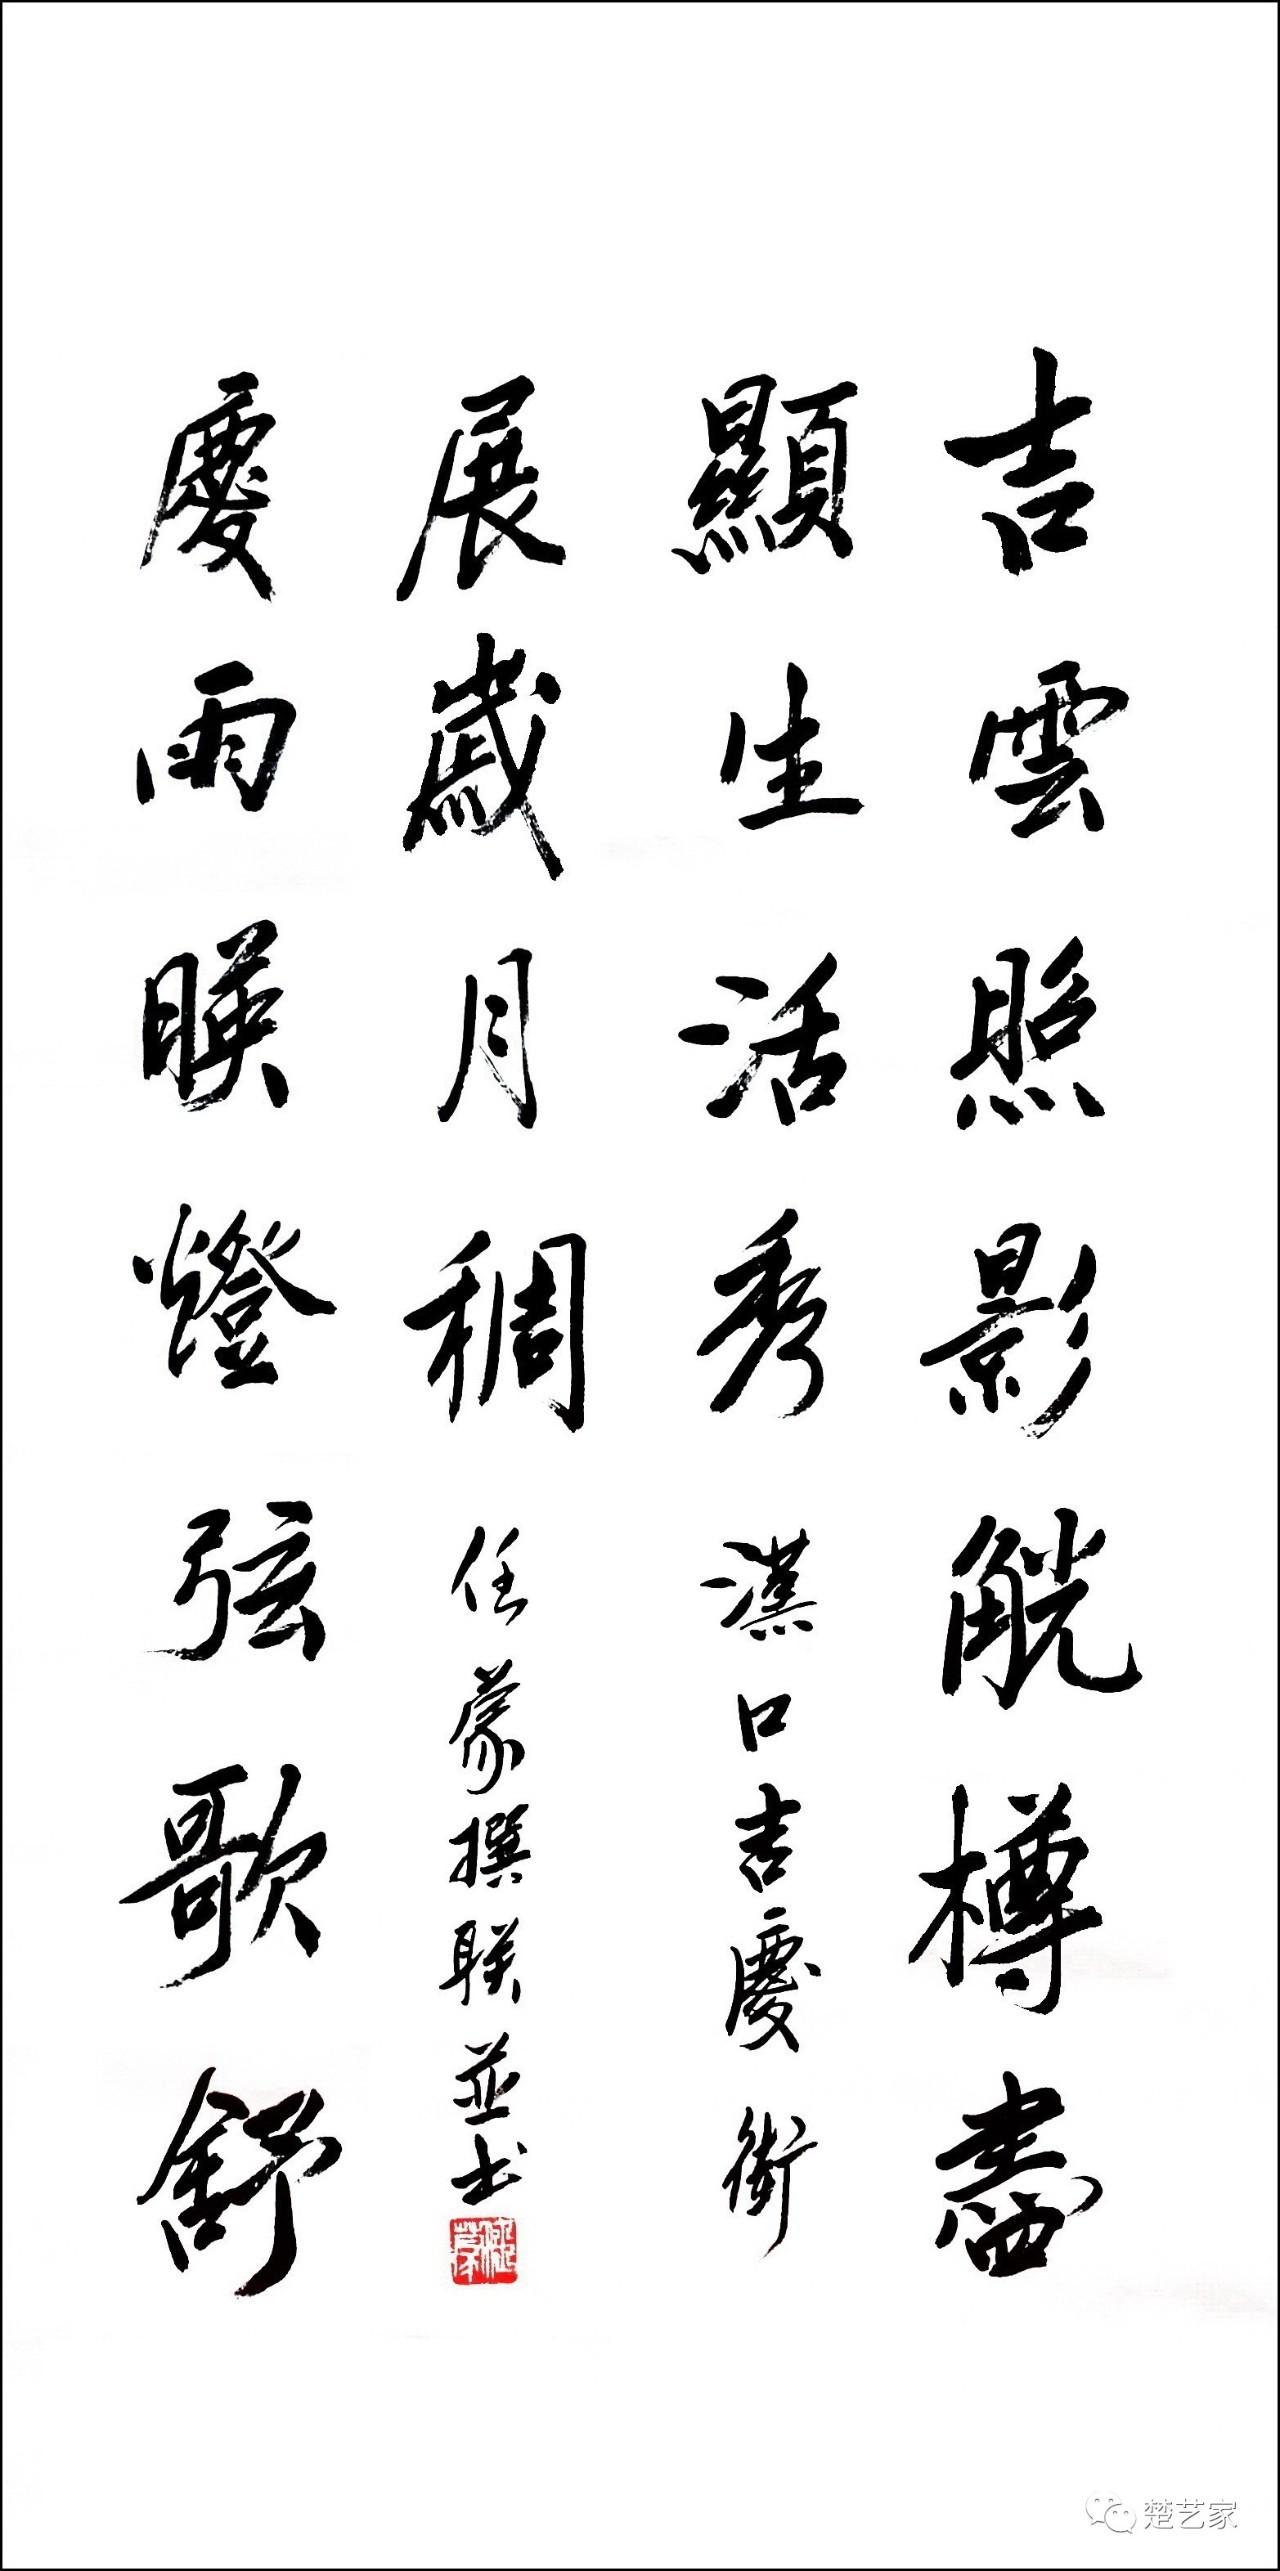 汉口吉庆街的牌楼对联_名胜古迹对联_中国对联网